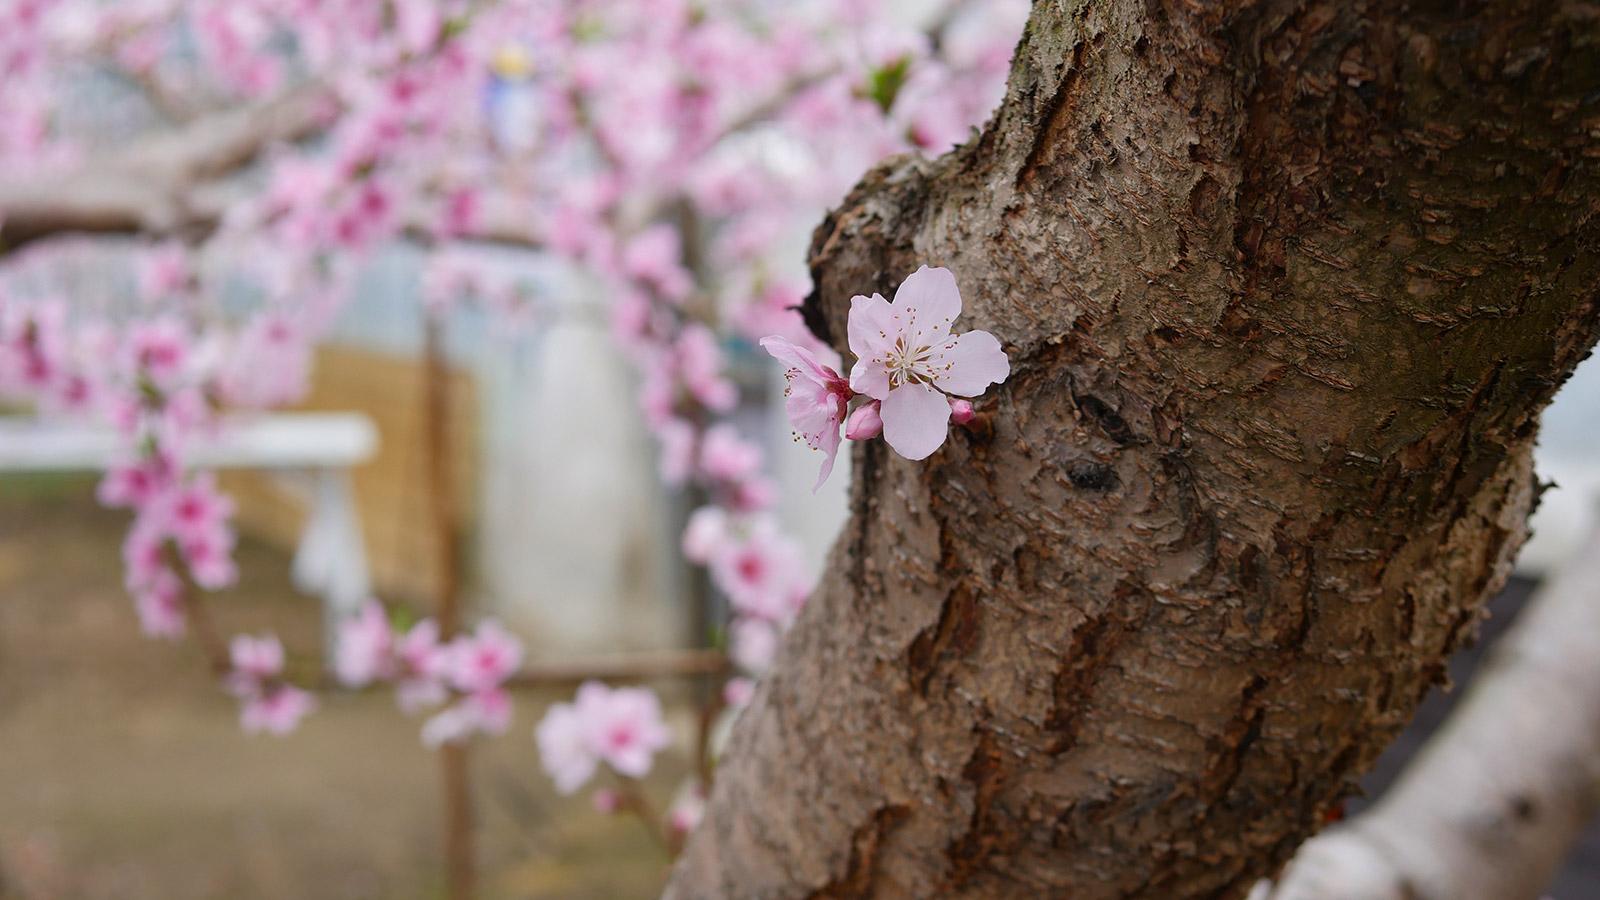 太い木の幹に直に出てきた花芽は可愛いですよね